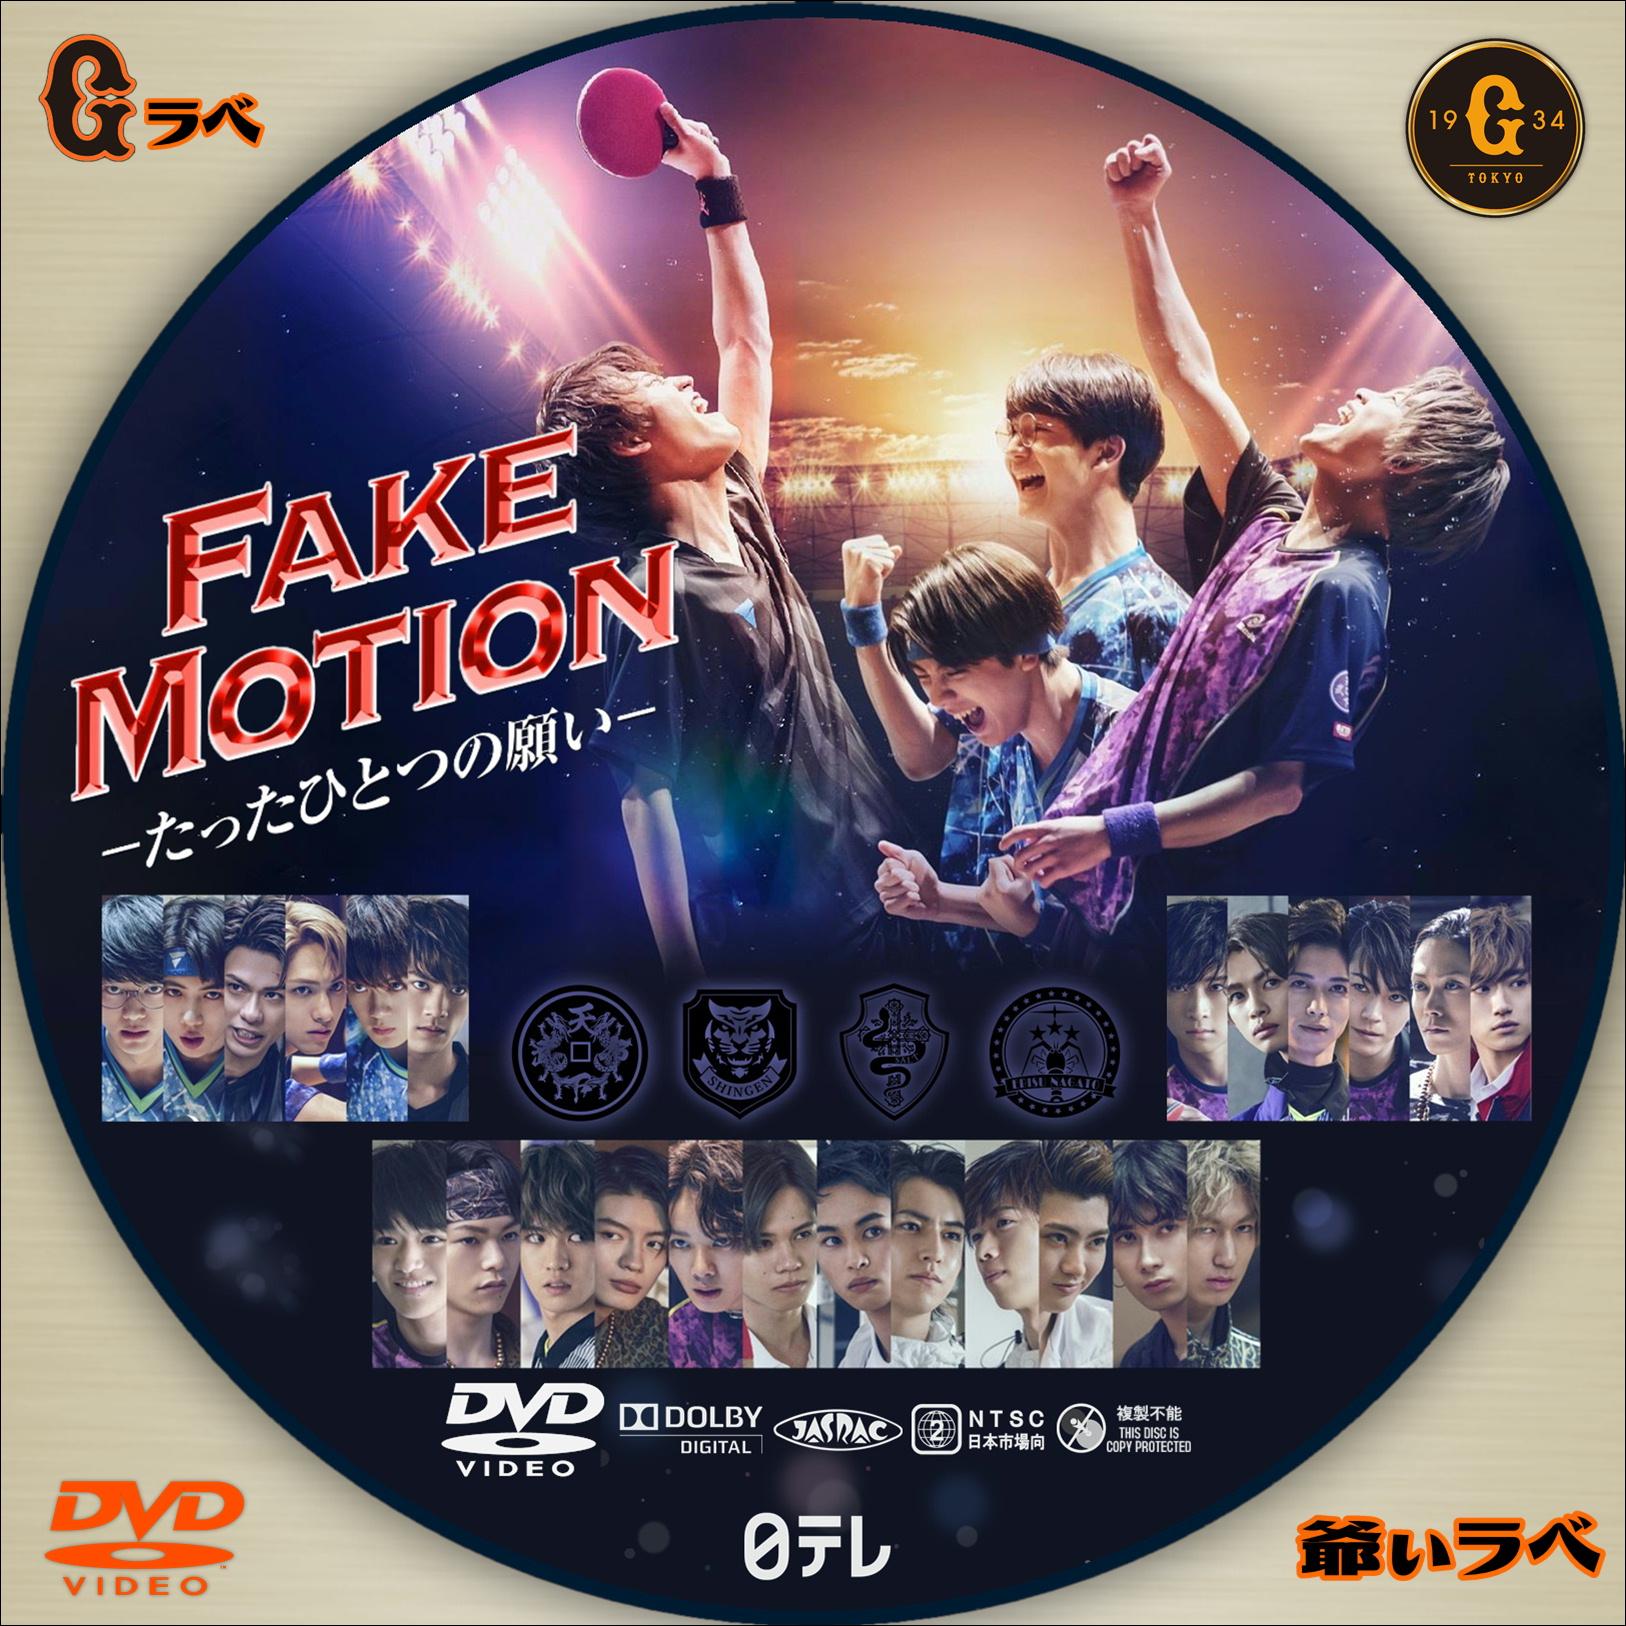 FAKE MOTION-たったひとつの願い-(DVD)